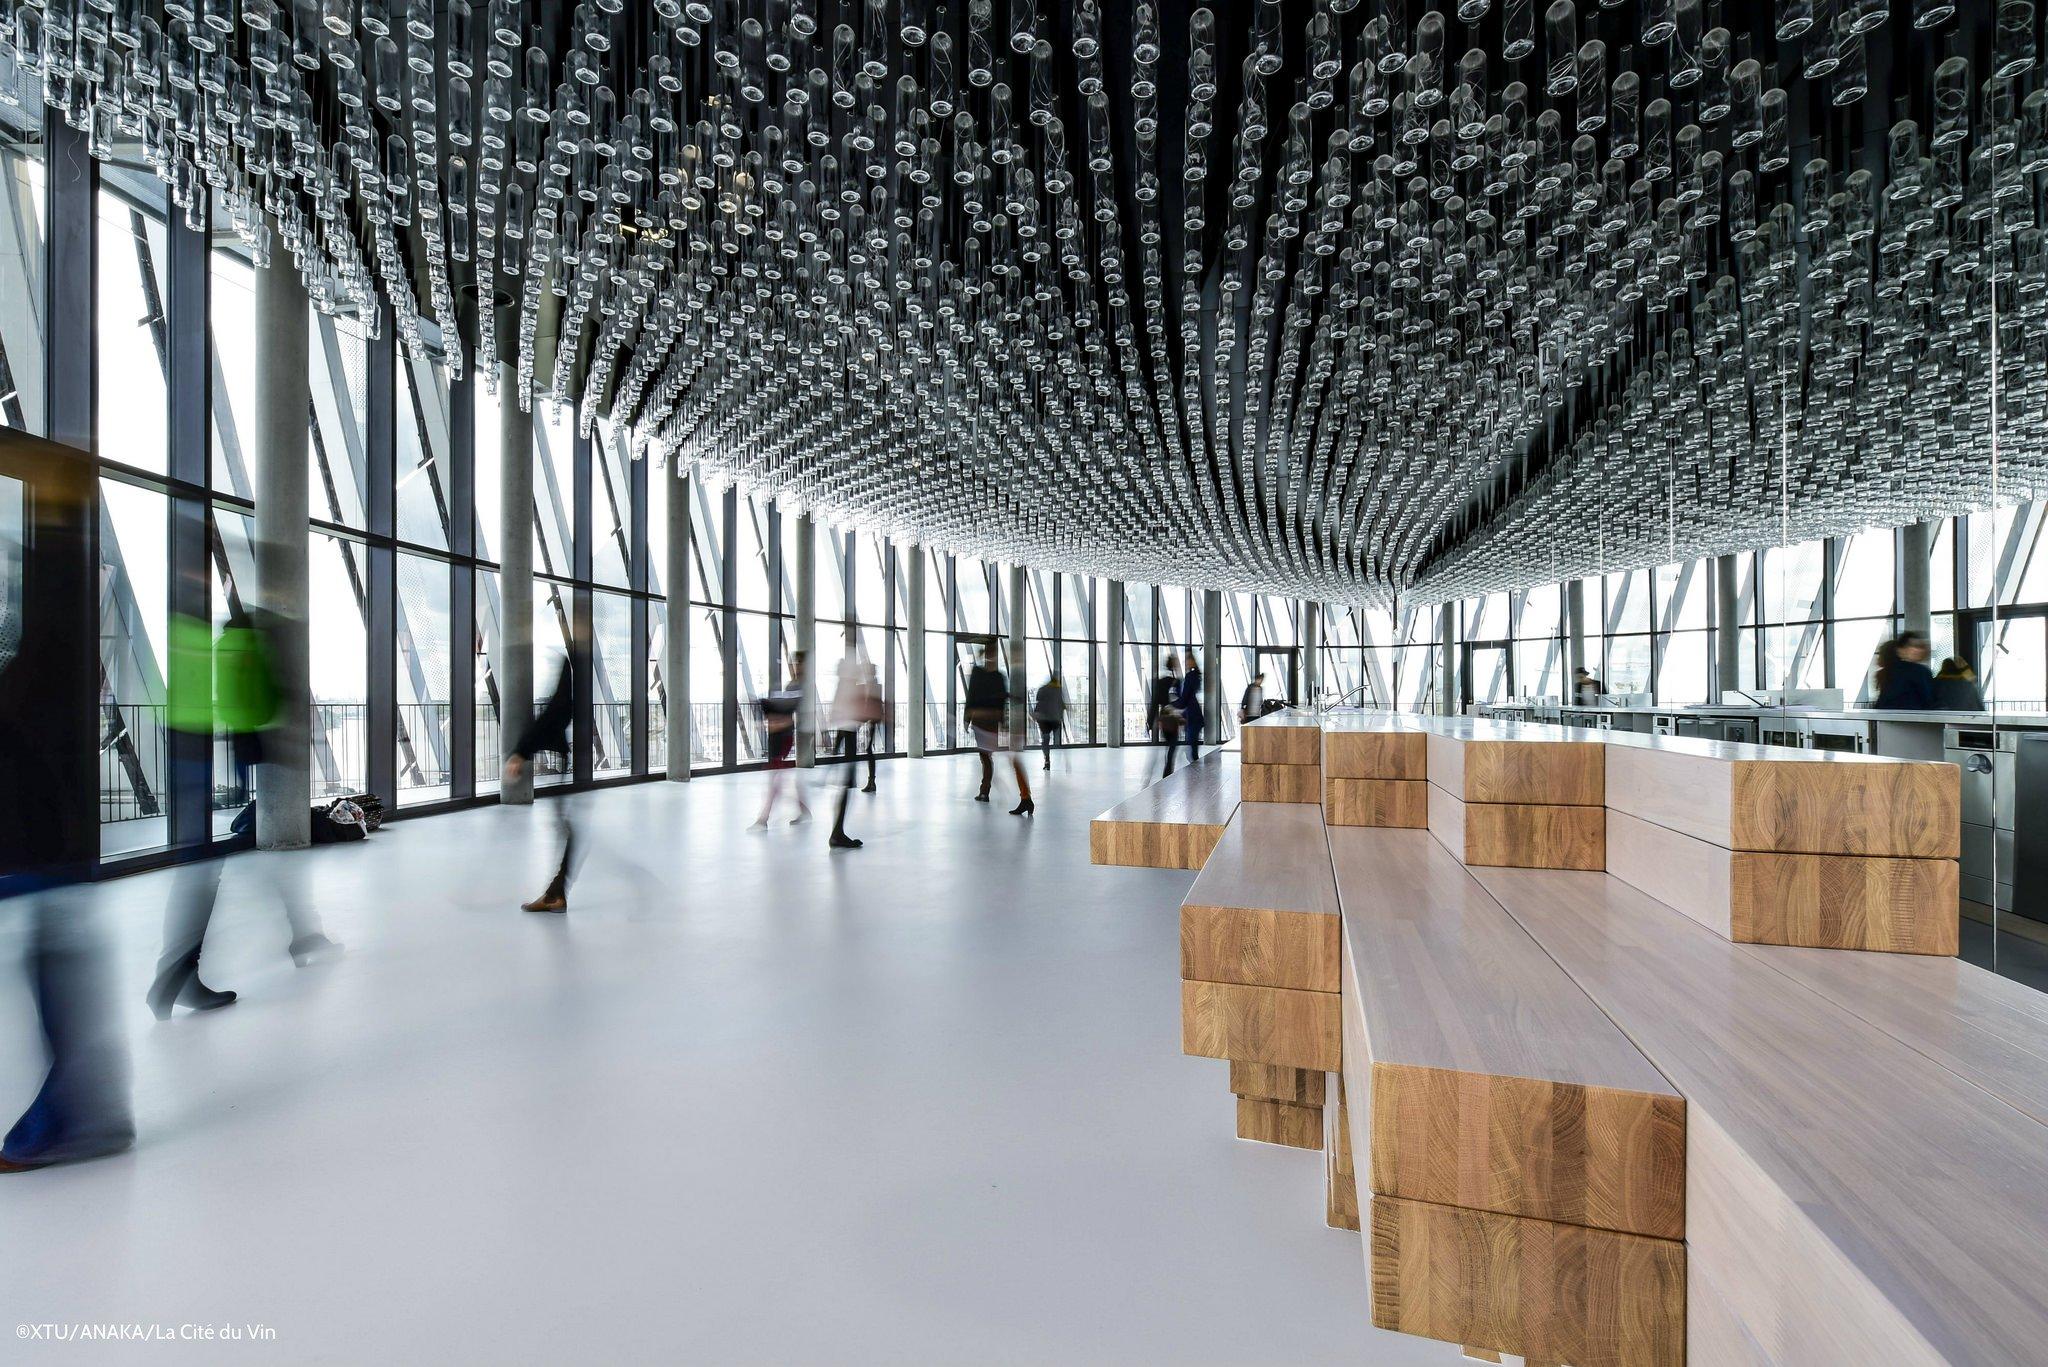 Im Foyer der Cité du Vin in Bordeaux hängen Glaskolben von der Decke.